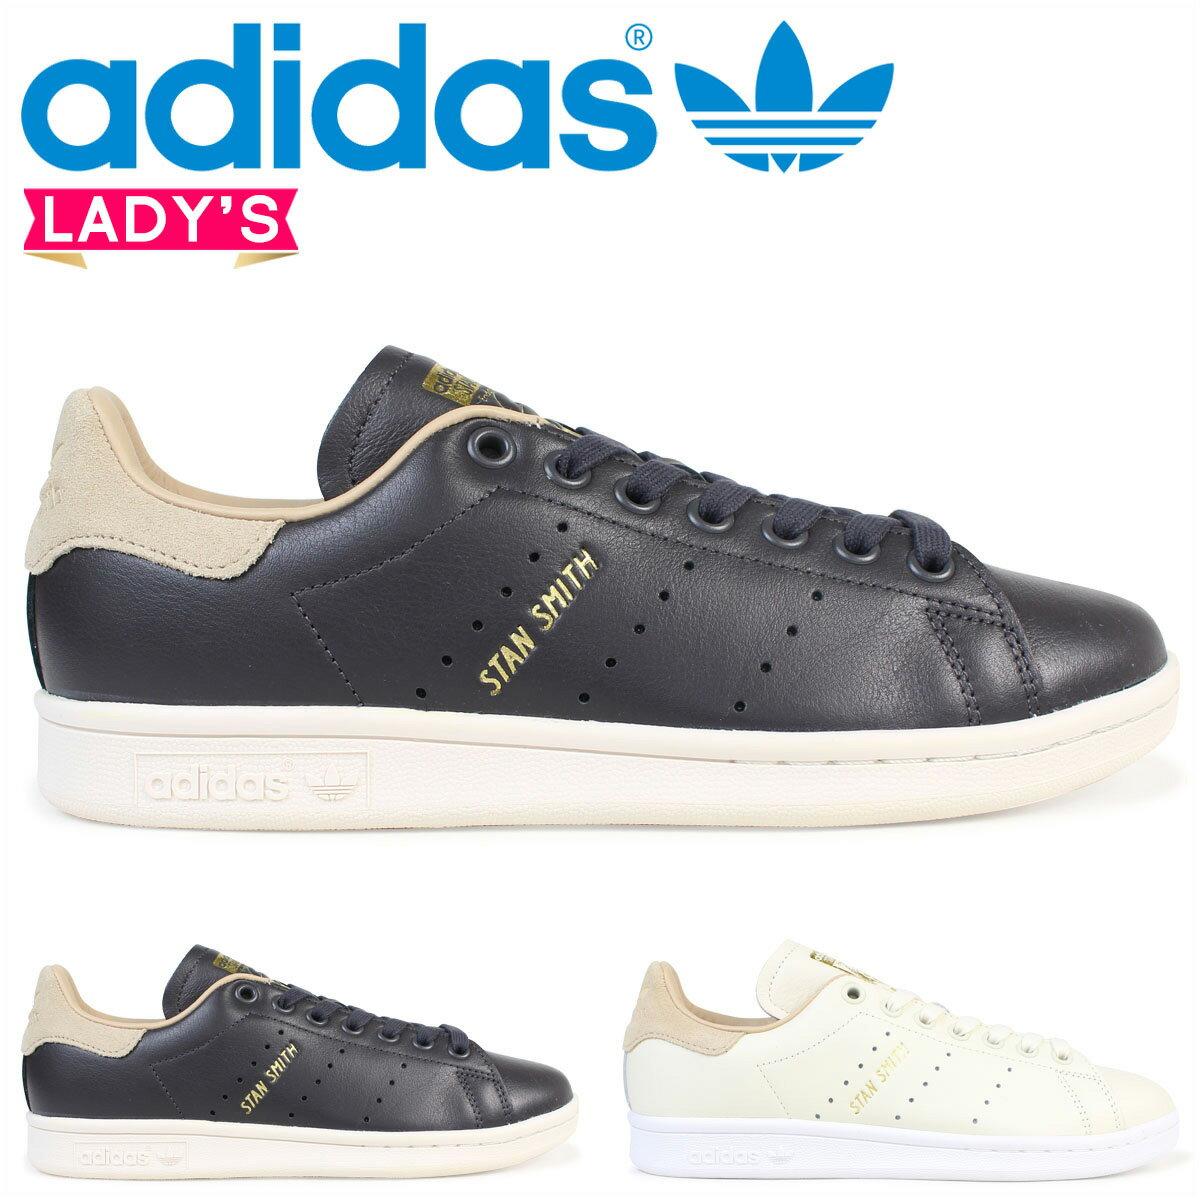 アディダス スタンスミス レディース adidas originals スニーカー STAN SMITH W BB5164 BB5165 靴 オリジナルス